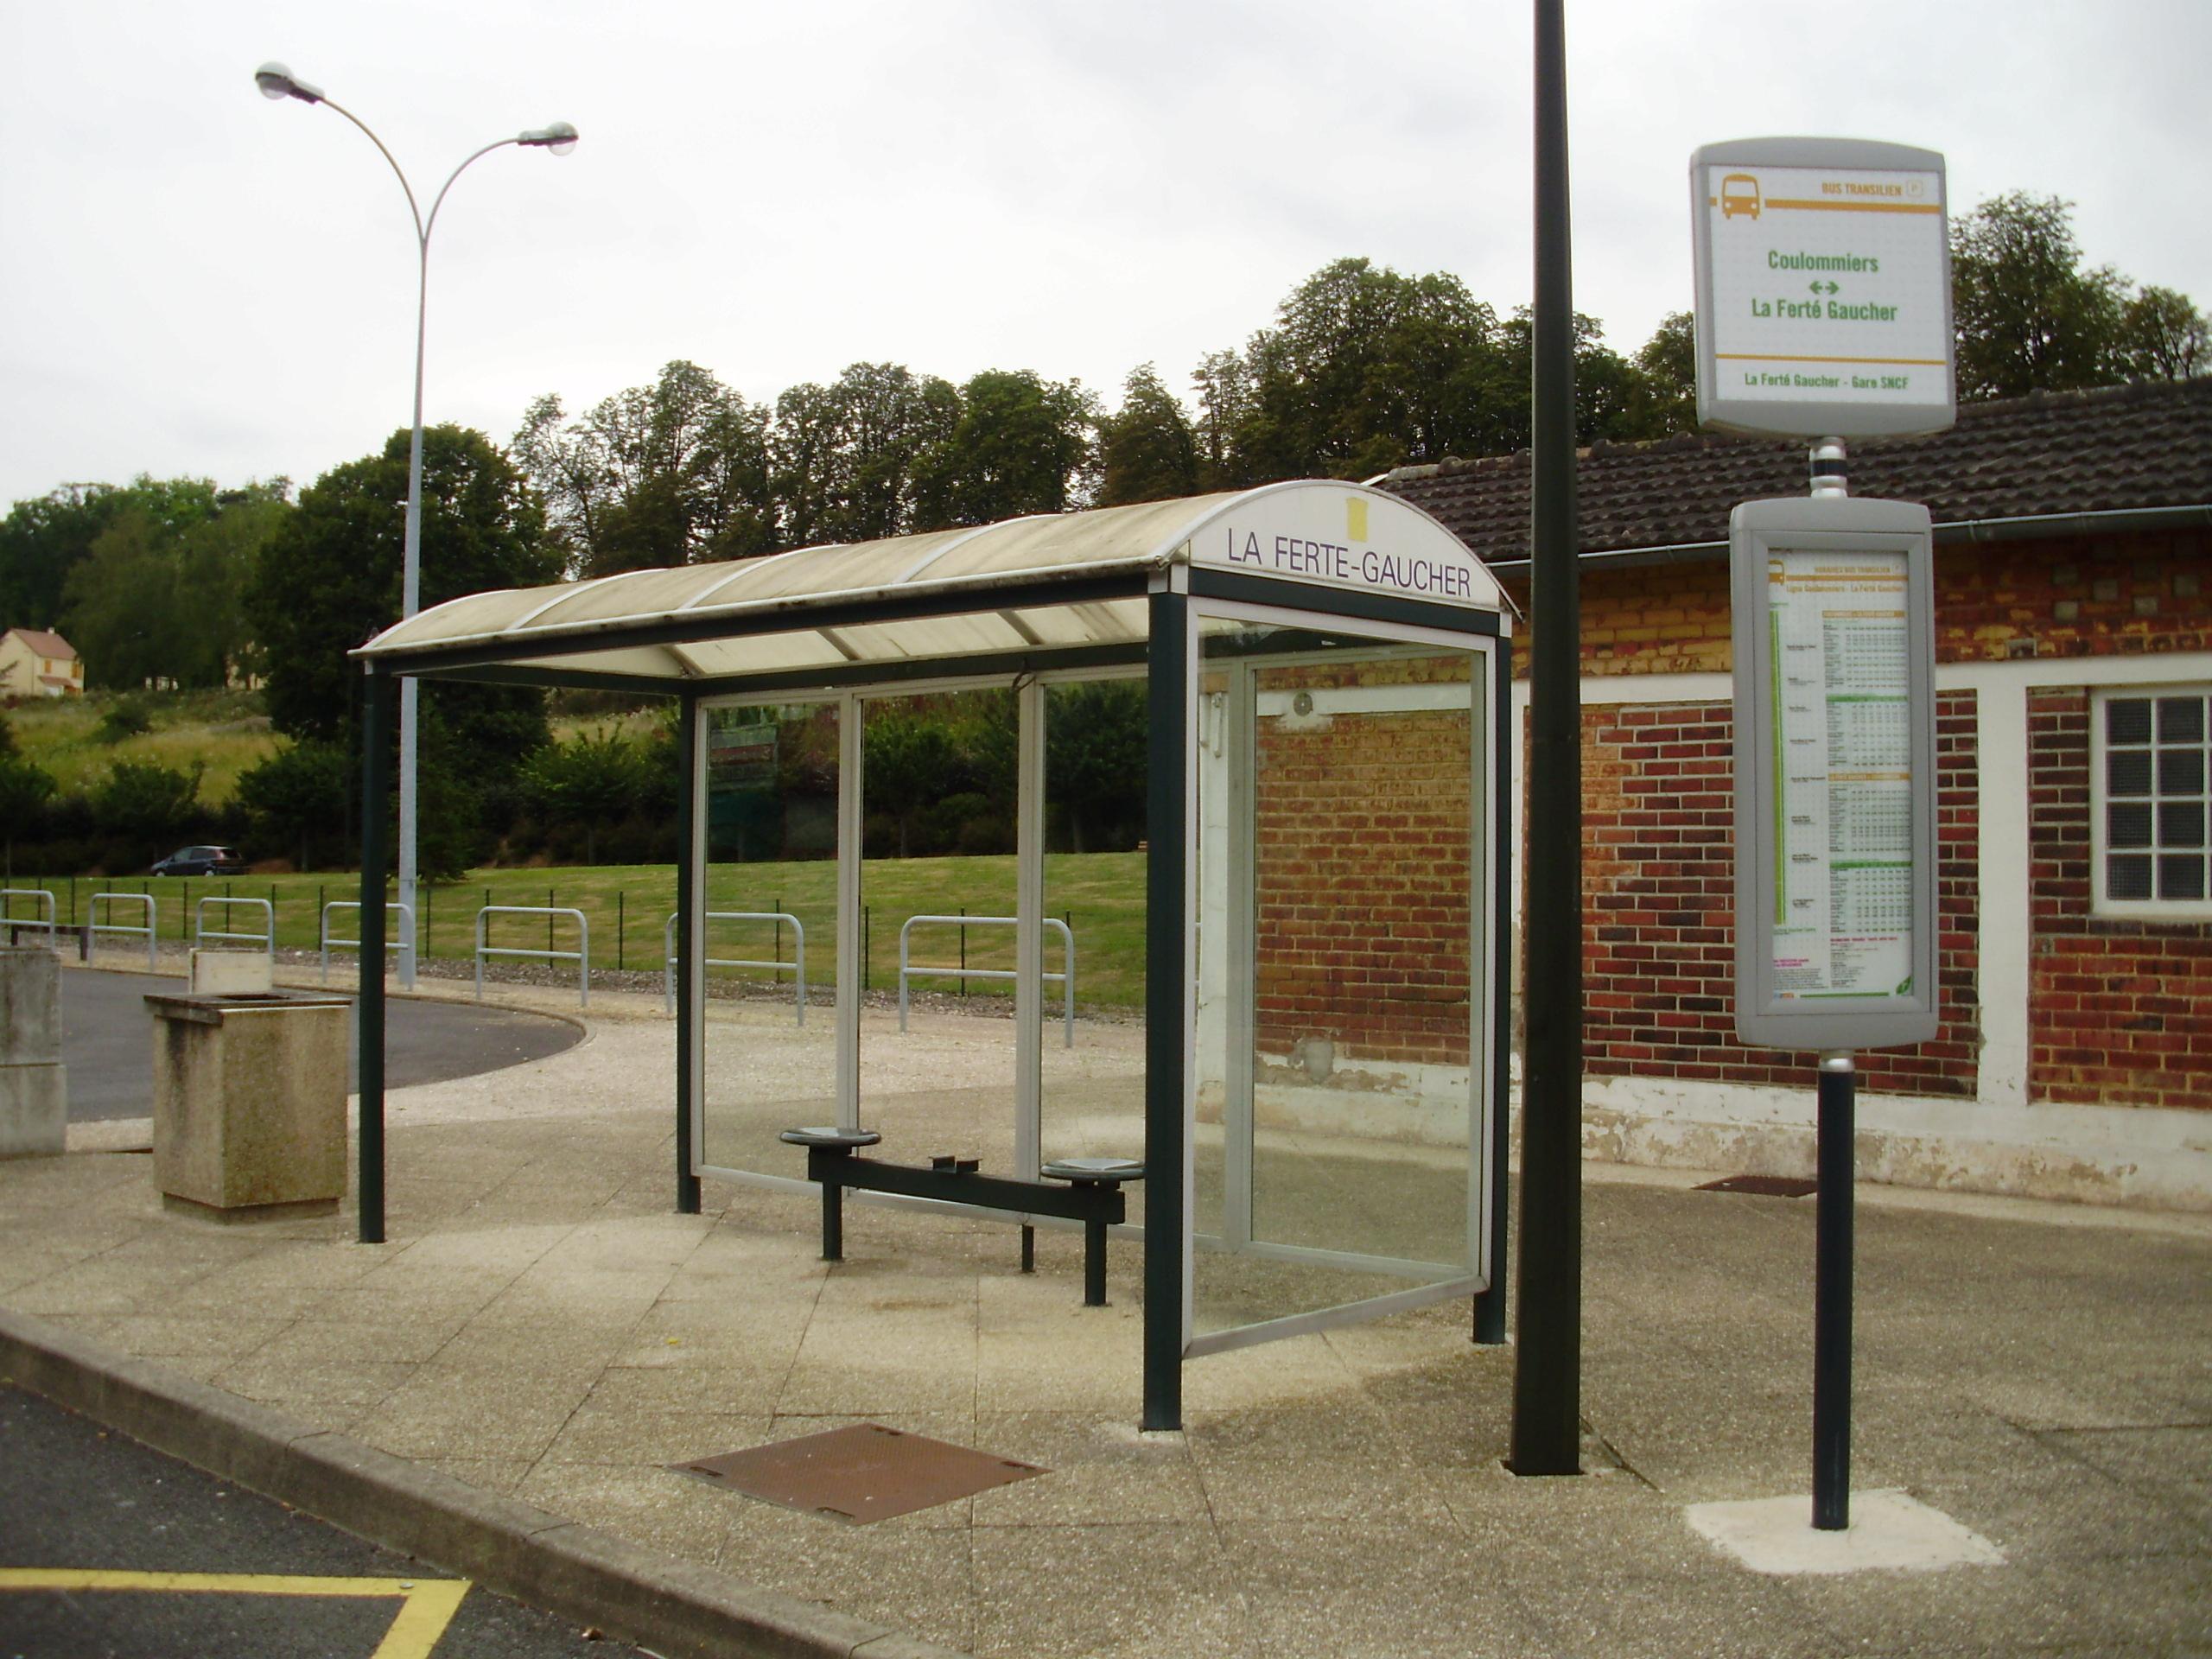 Arrêt de bus de La Ferté Gaucher Gare